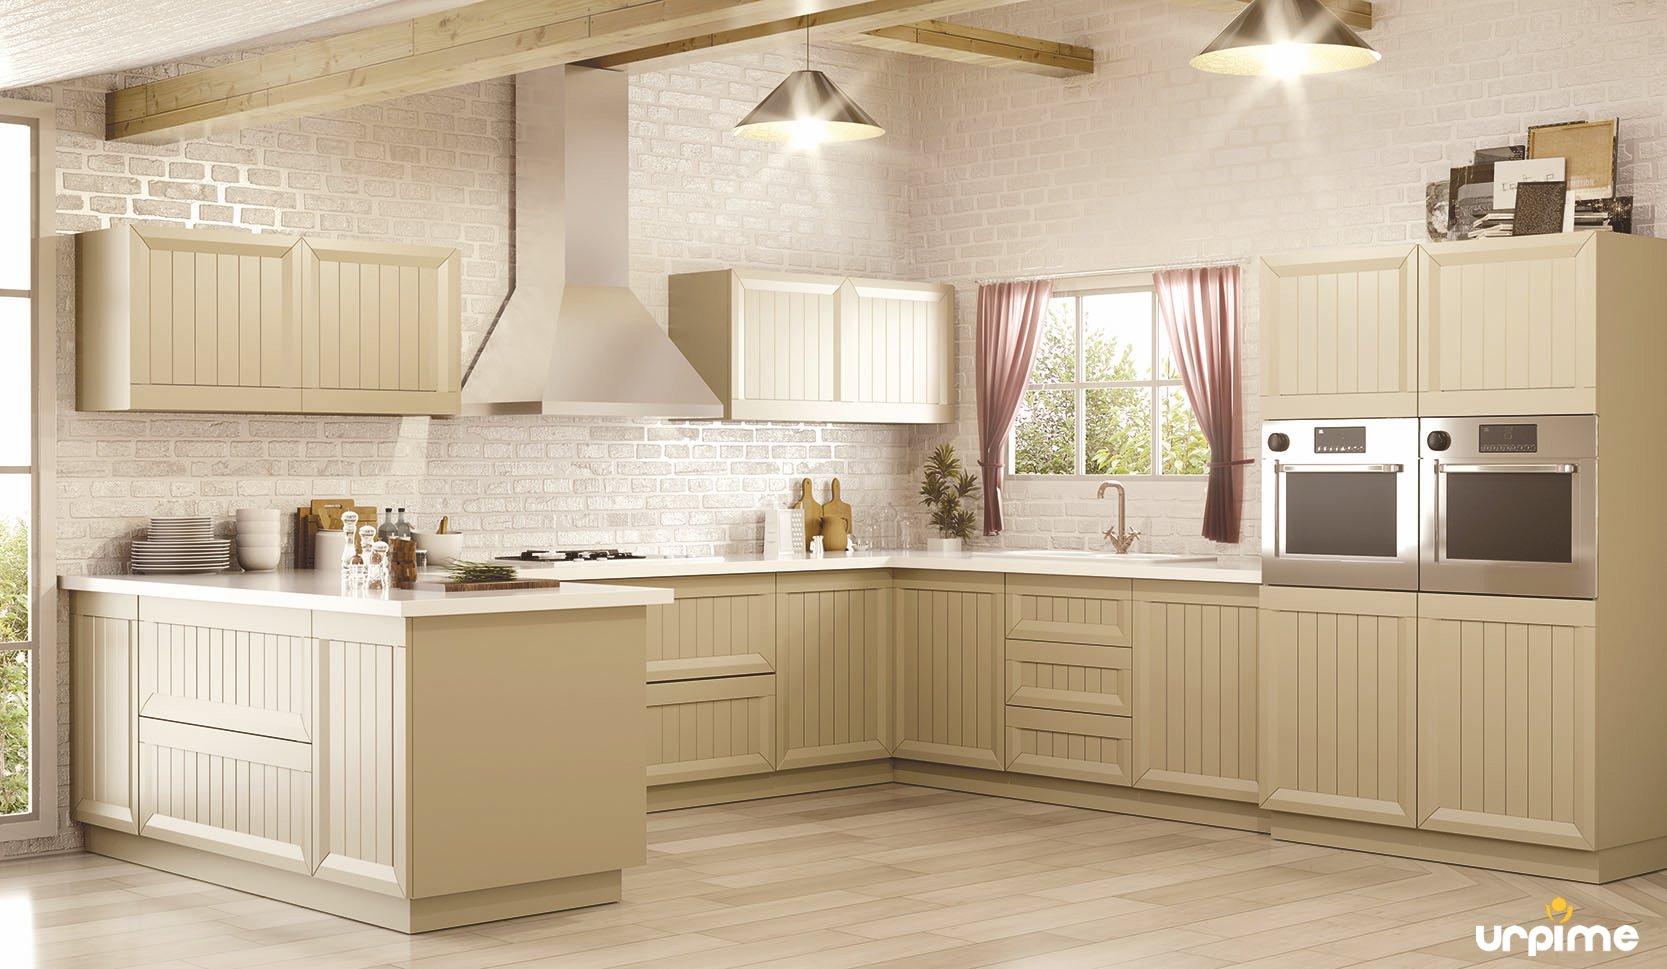 Ideas para amueblar la cocina 2 urpime - Amueblar la cocina ...